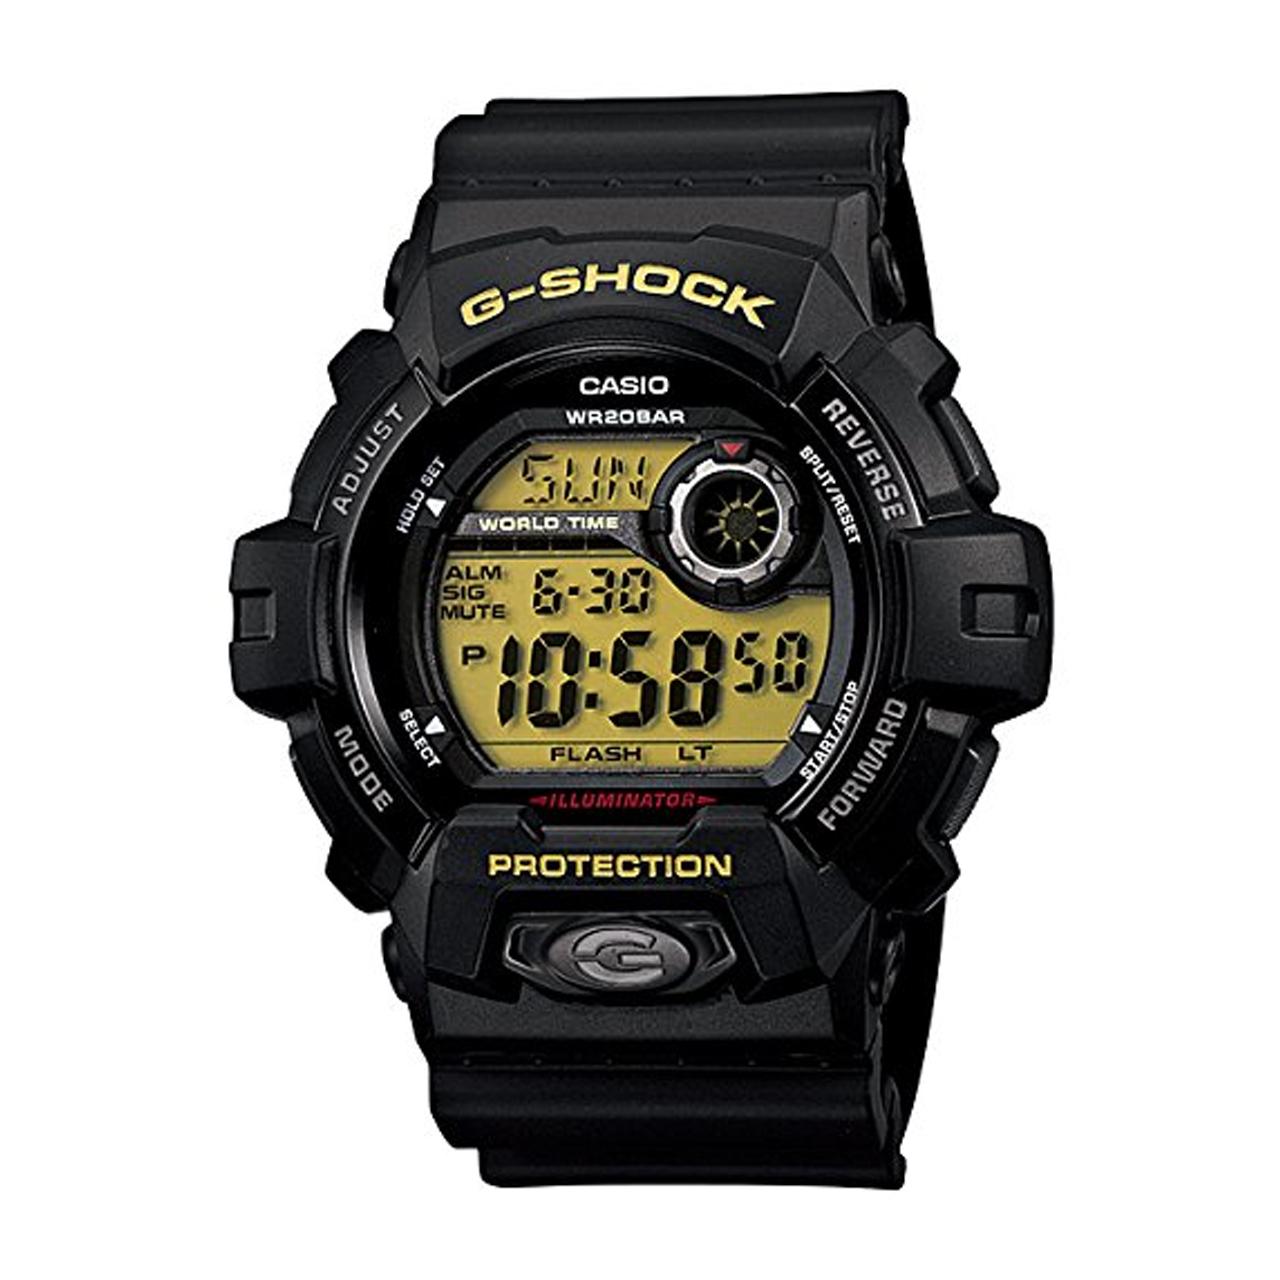 ساعت مچی دیجیتالی مردانه کاسیو جی شاک G-8900-1DR 100